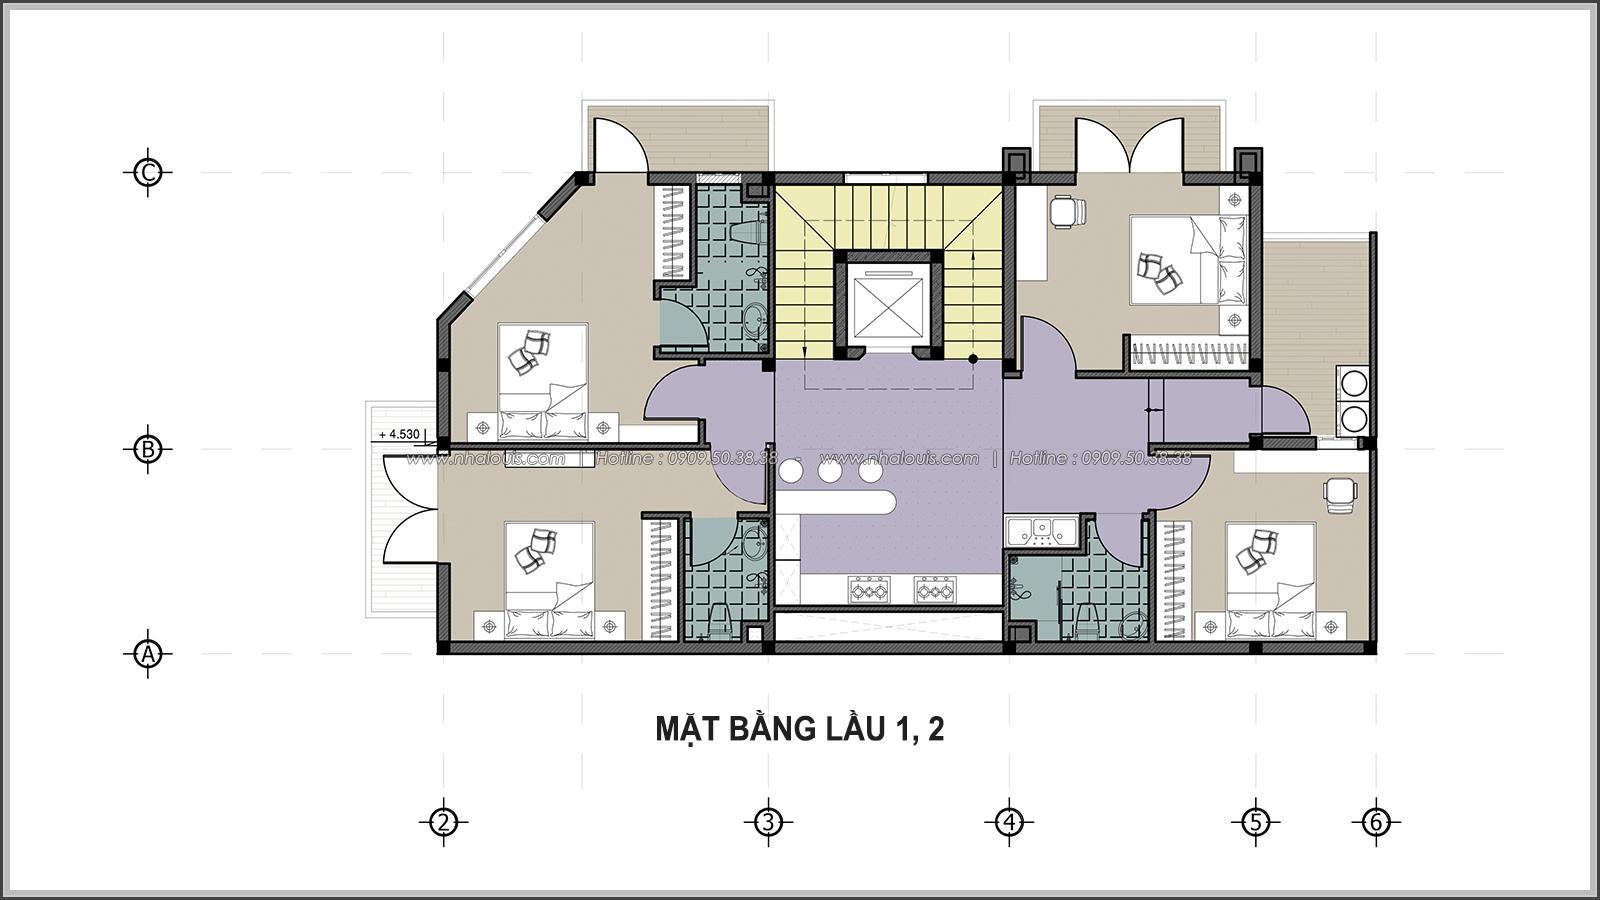 Thiết kế biệt thự tại Bình Dương theo phong cách cổ điển đẹp lộng lẫy - 6